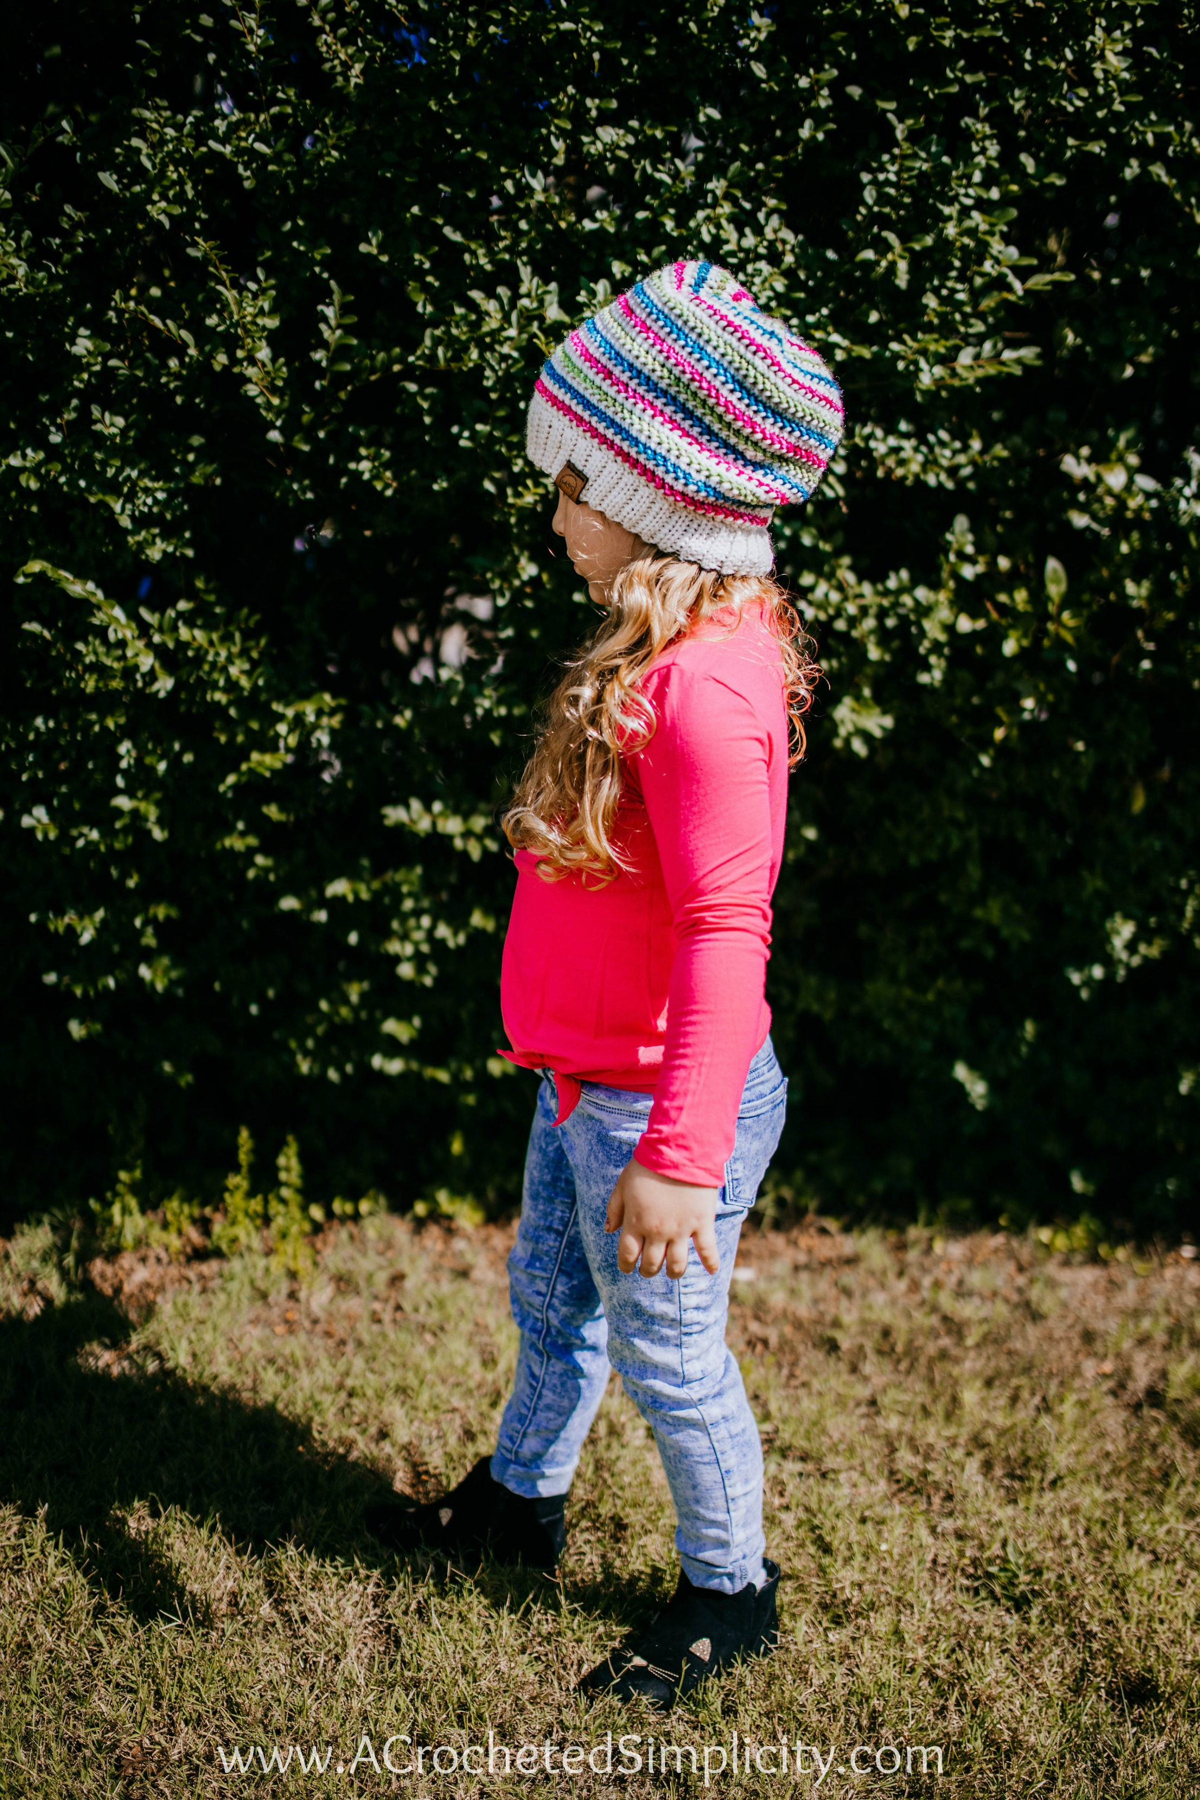 Free Crochet Hat Pattern - Aurora Slouch by A Crocheted Simplicity. #freecrochetpattern #freecrochethatpattern #freecrochetslouchpattern #crochethat #crochetslouch #handmade #crochet